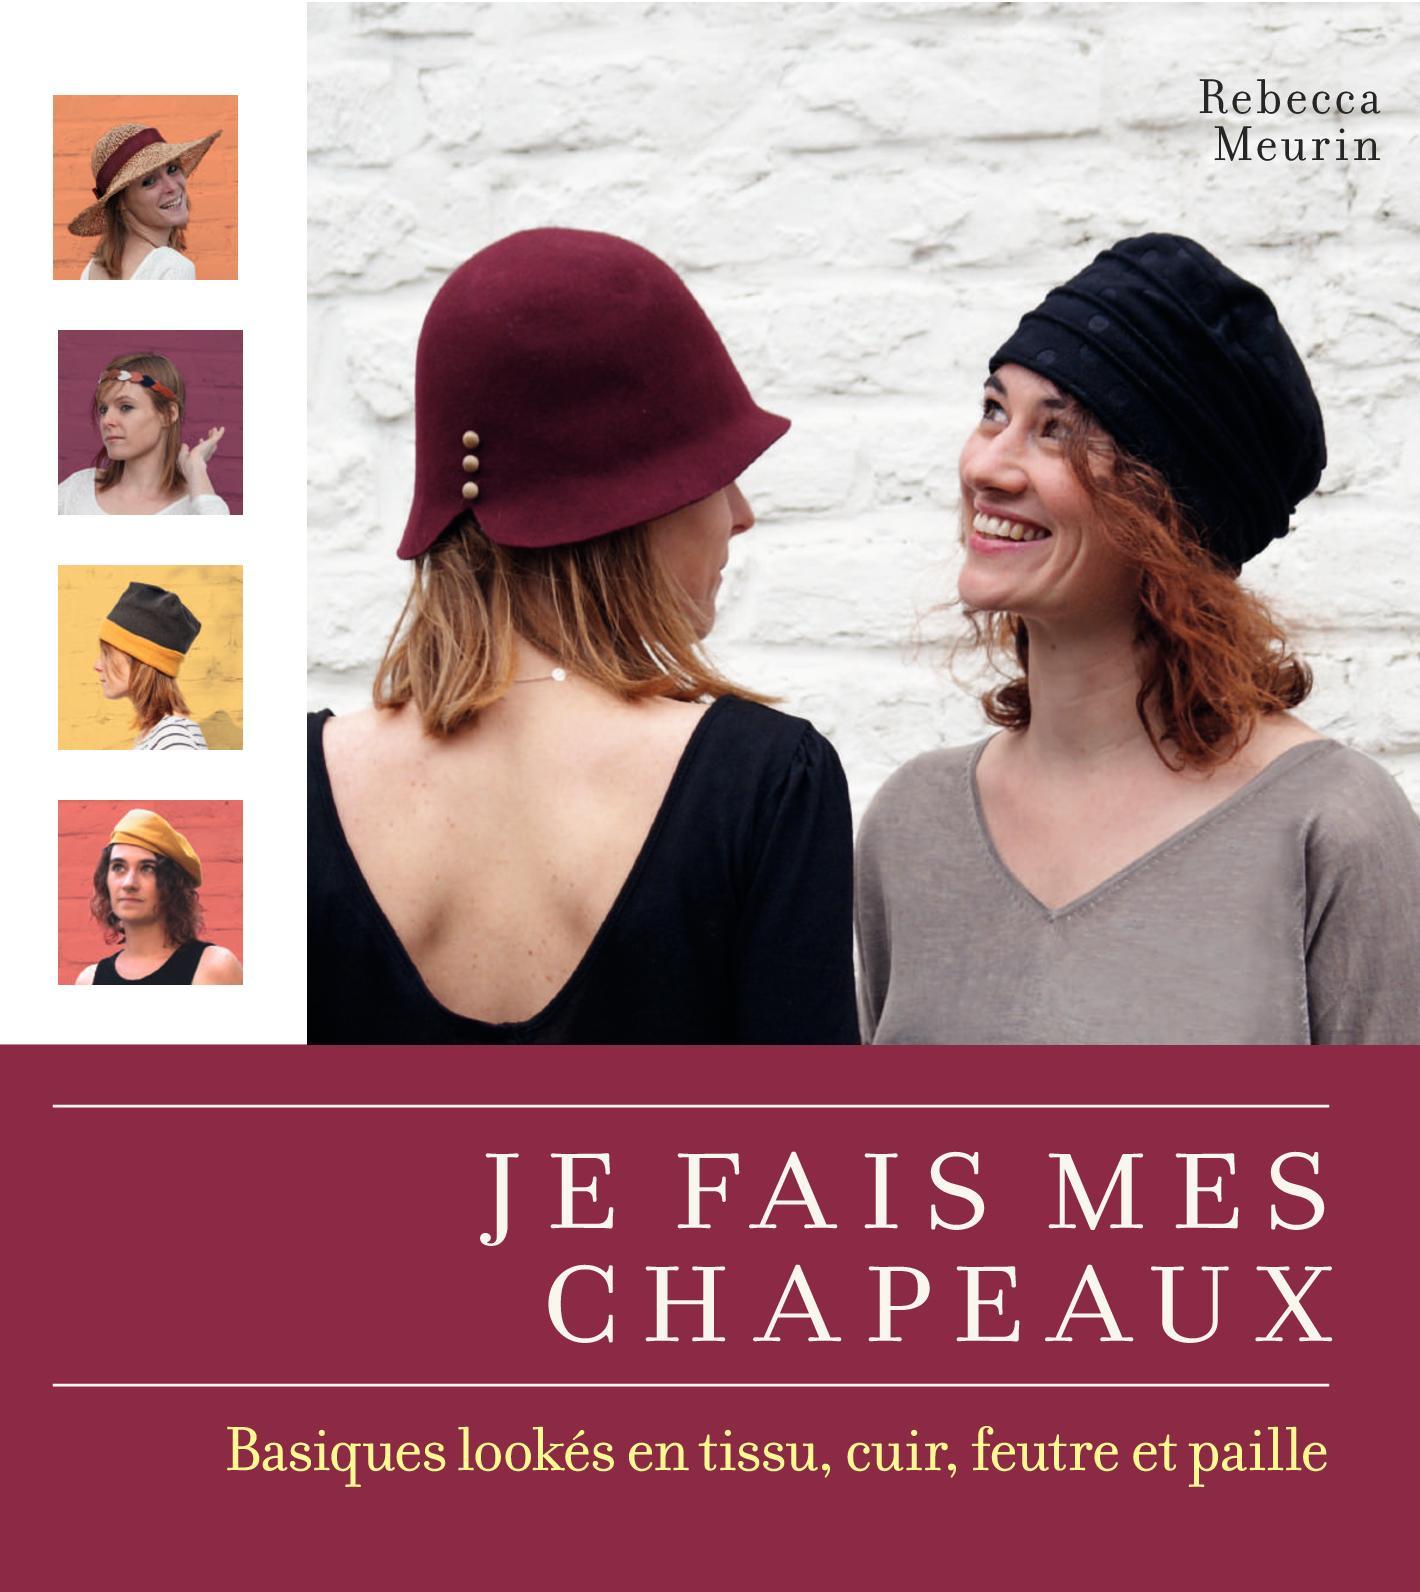 Je fais mes chapeaux - g14293_jefaismeschapeaux_extrait.pdf